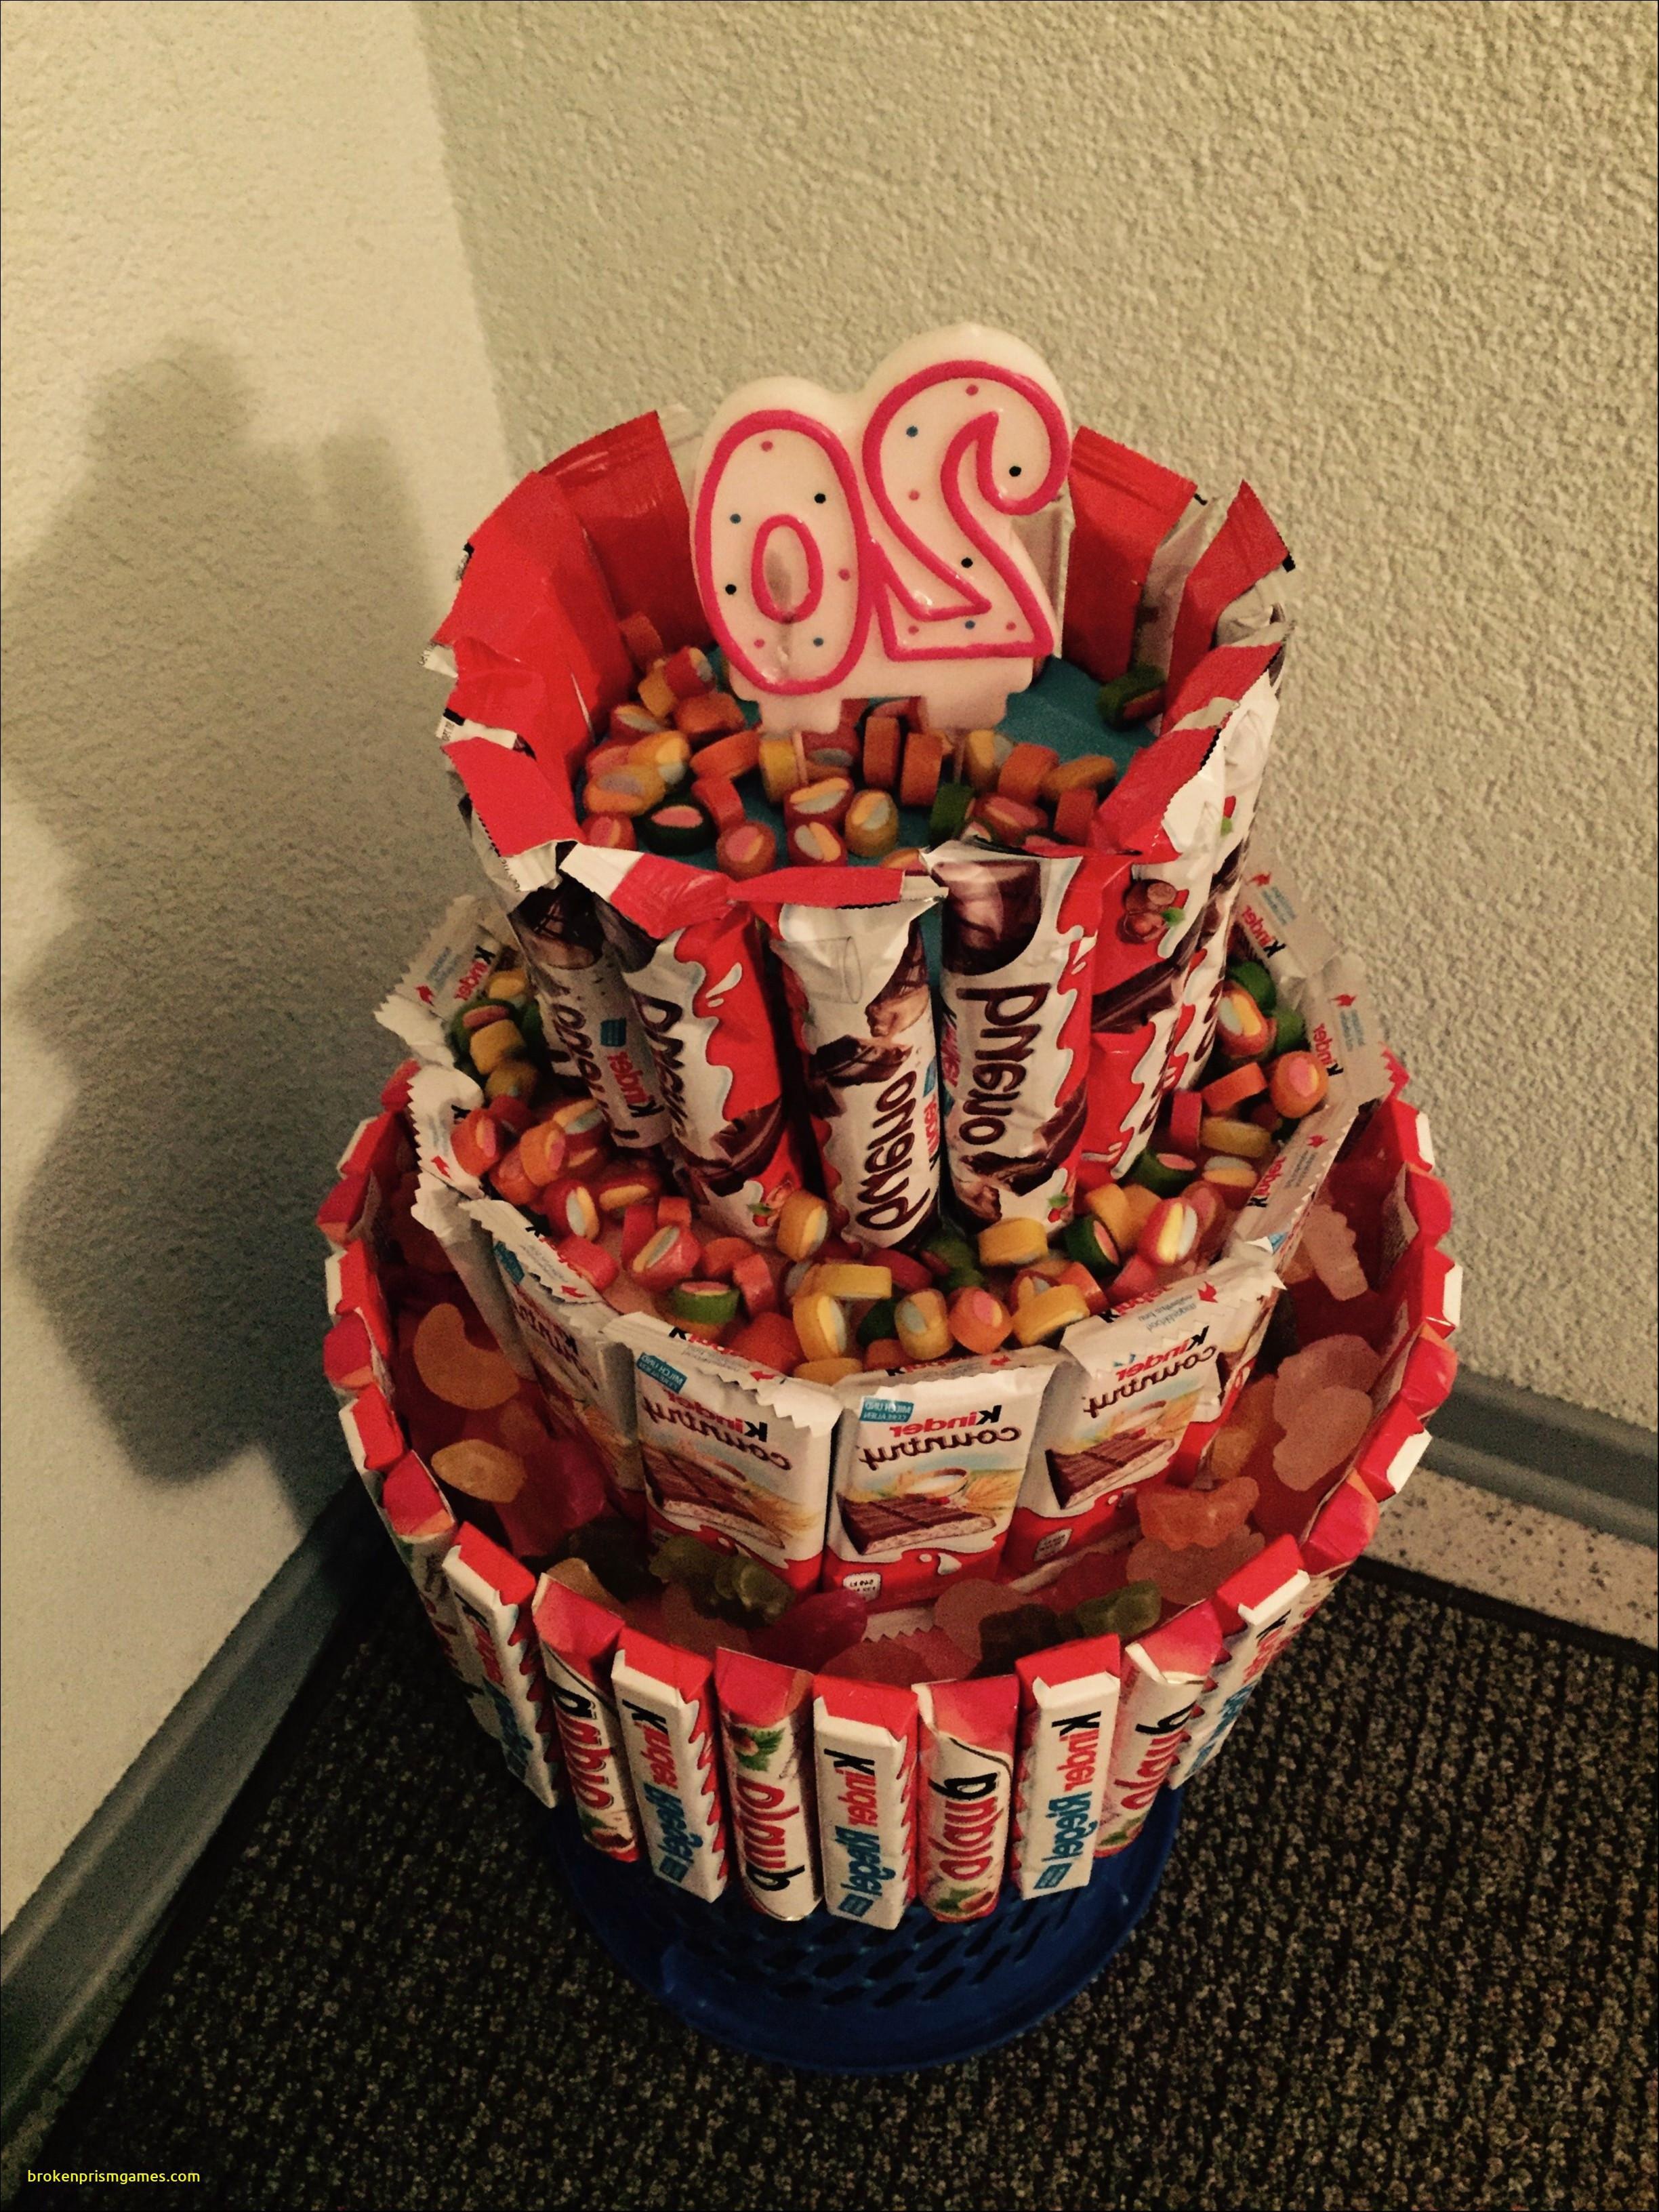 Geschenke 18 Geburtstag Selber Machen  Lustige Geschenke Zum 18 Geburtstag Selber Machen in